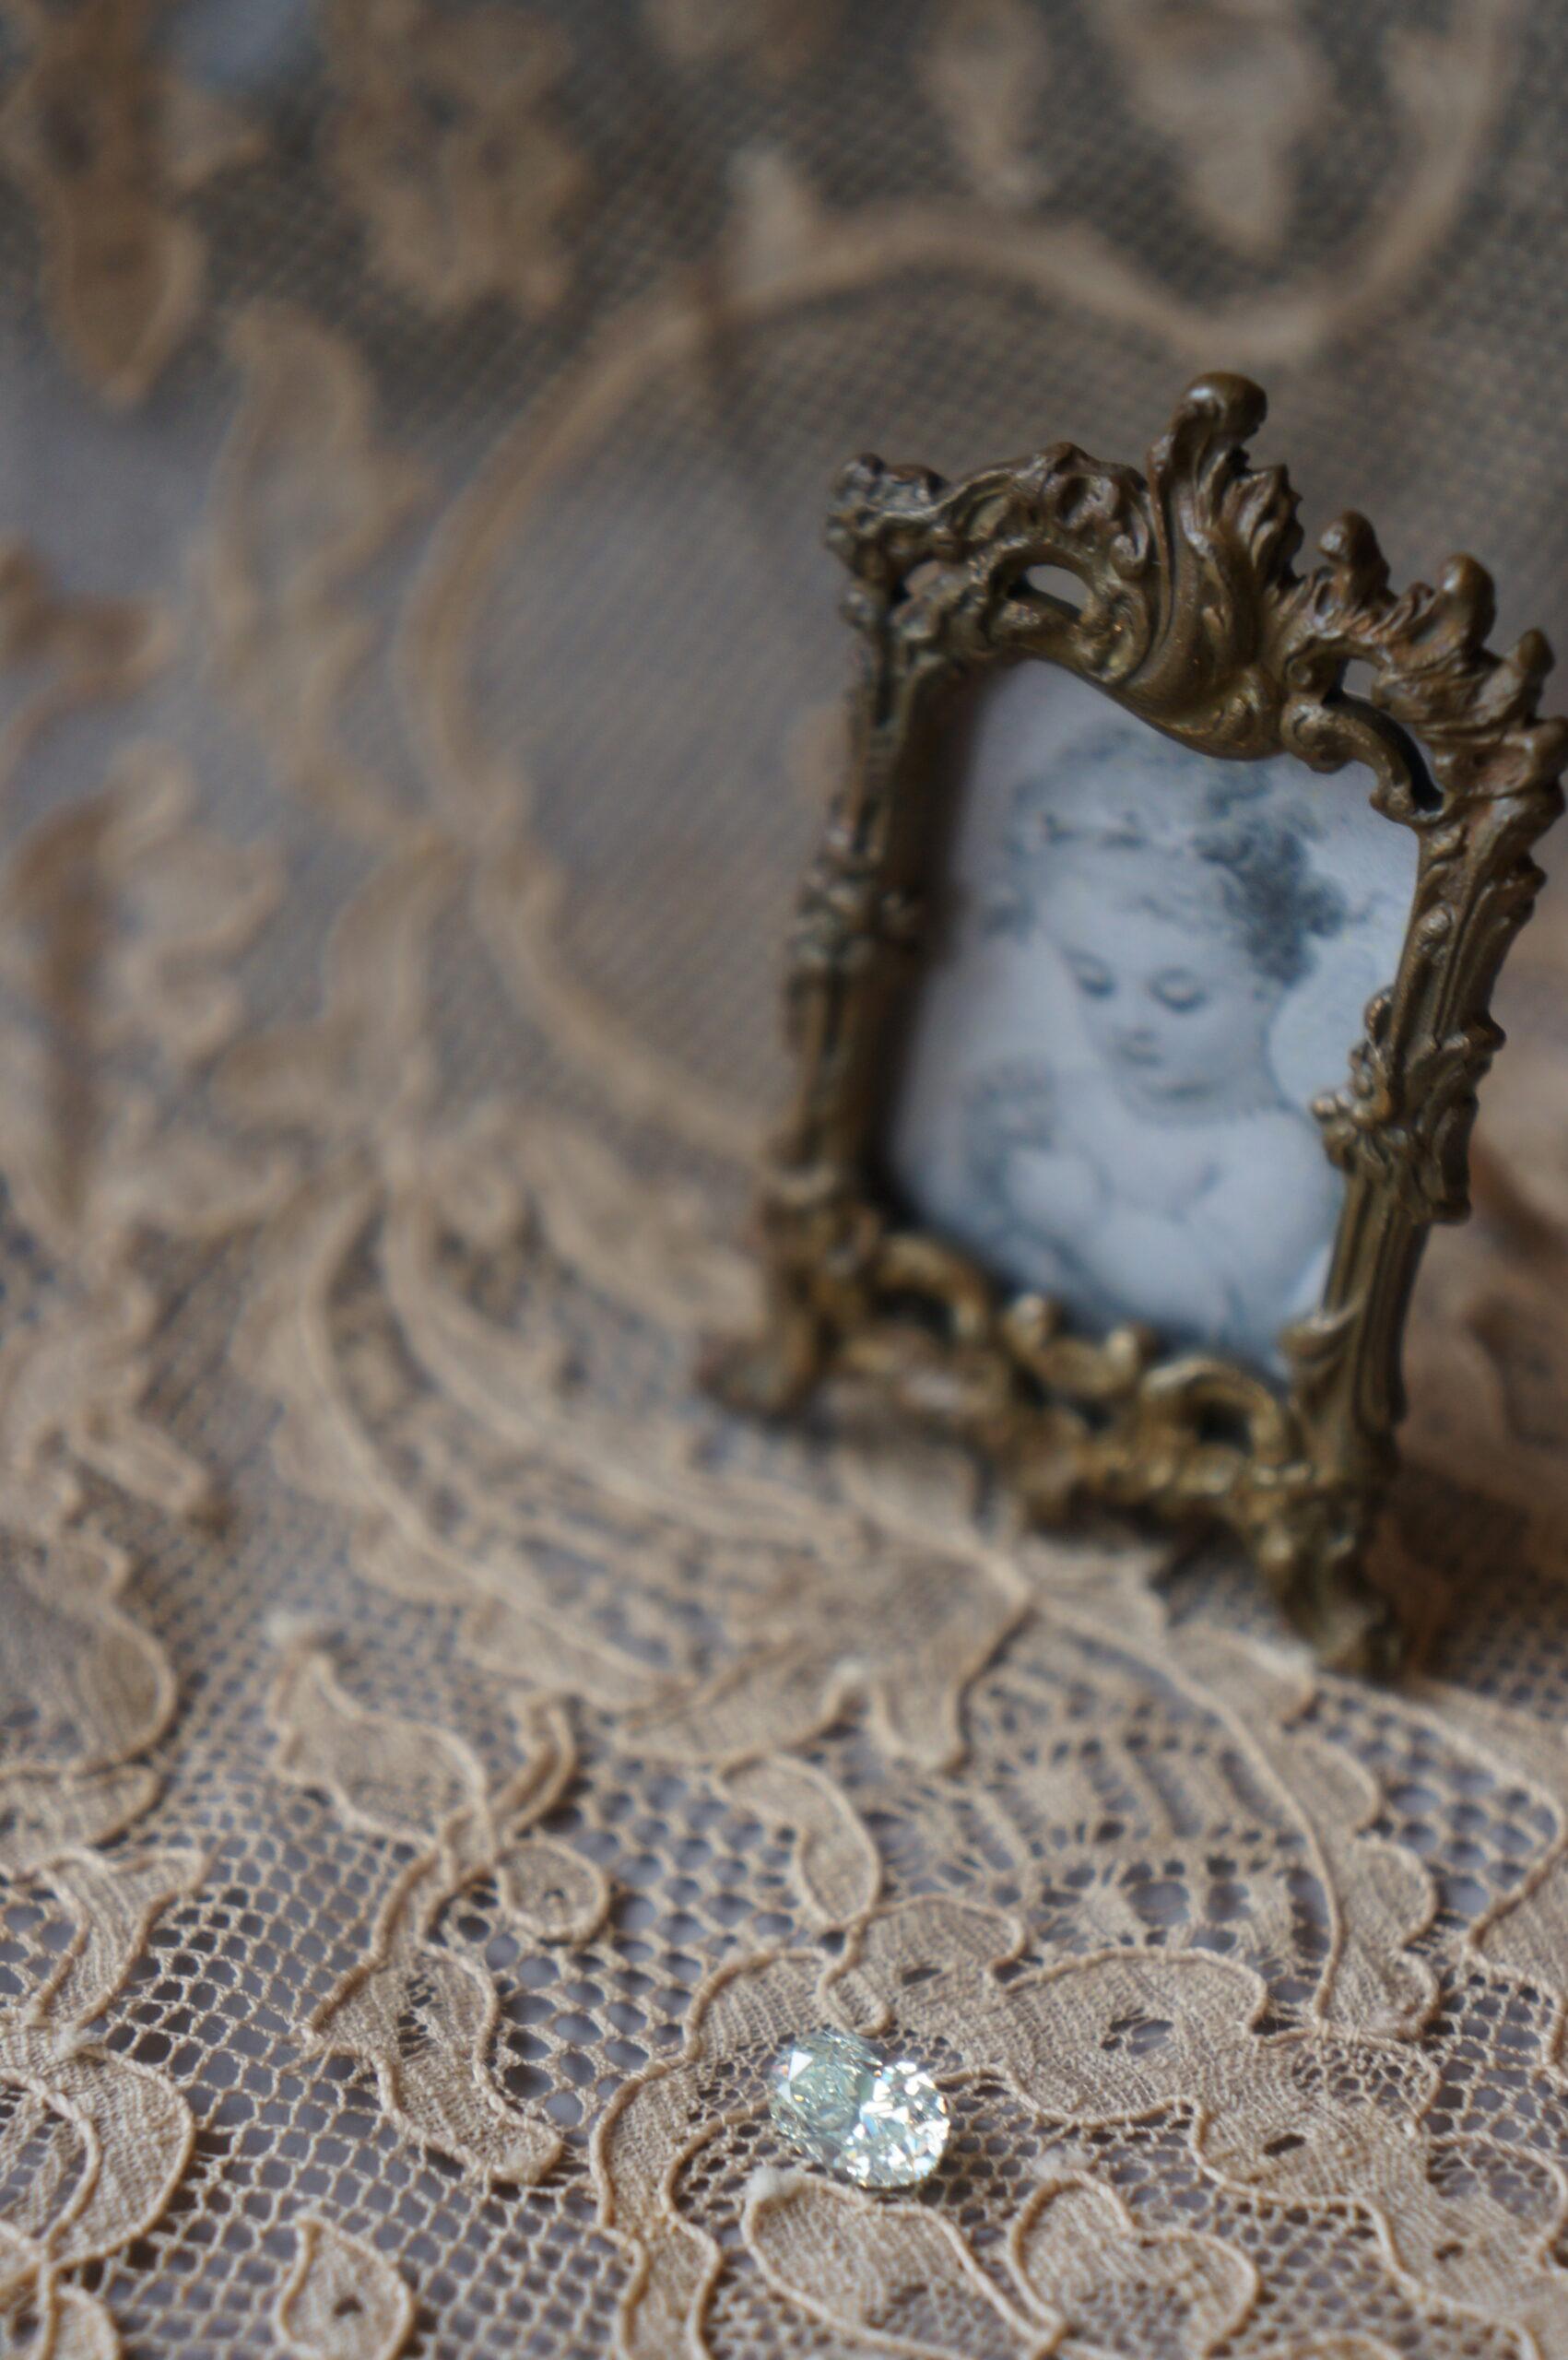 特別な魅力のダイアモンド オーダーエンゲージへ 婚約指輪